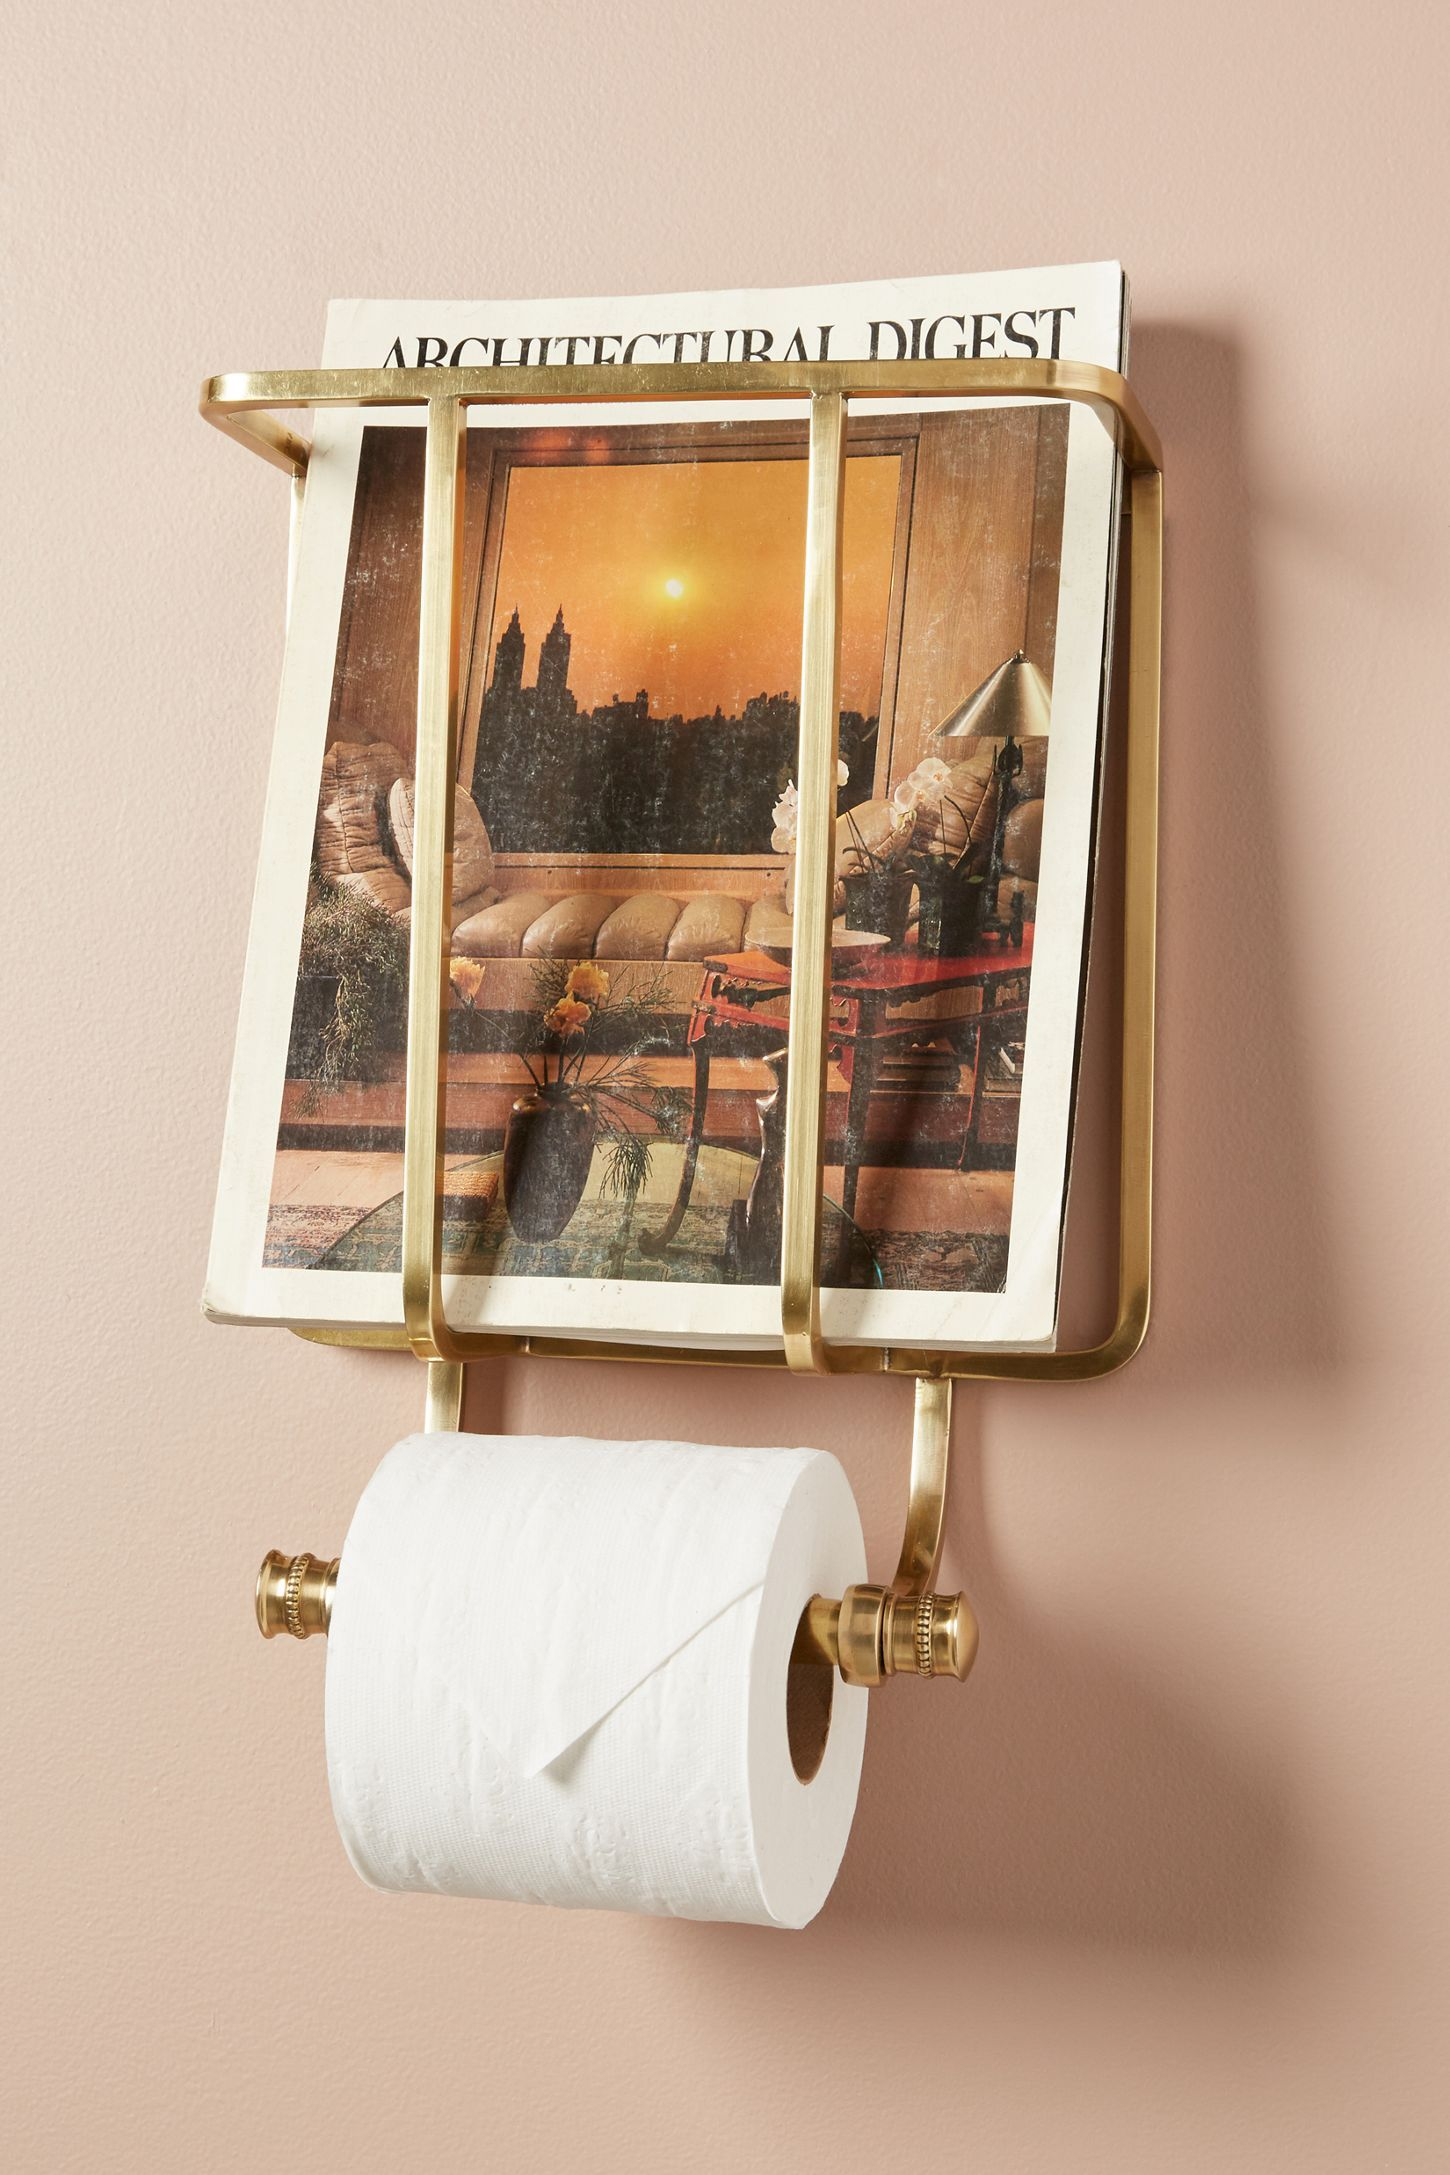 Easy Ways To Makeover Bathroom Small Upgrade Ideas Toilet Paper Holder Bathroom Decor Diy Bathroom